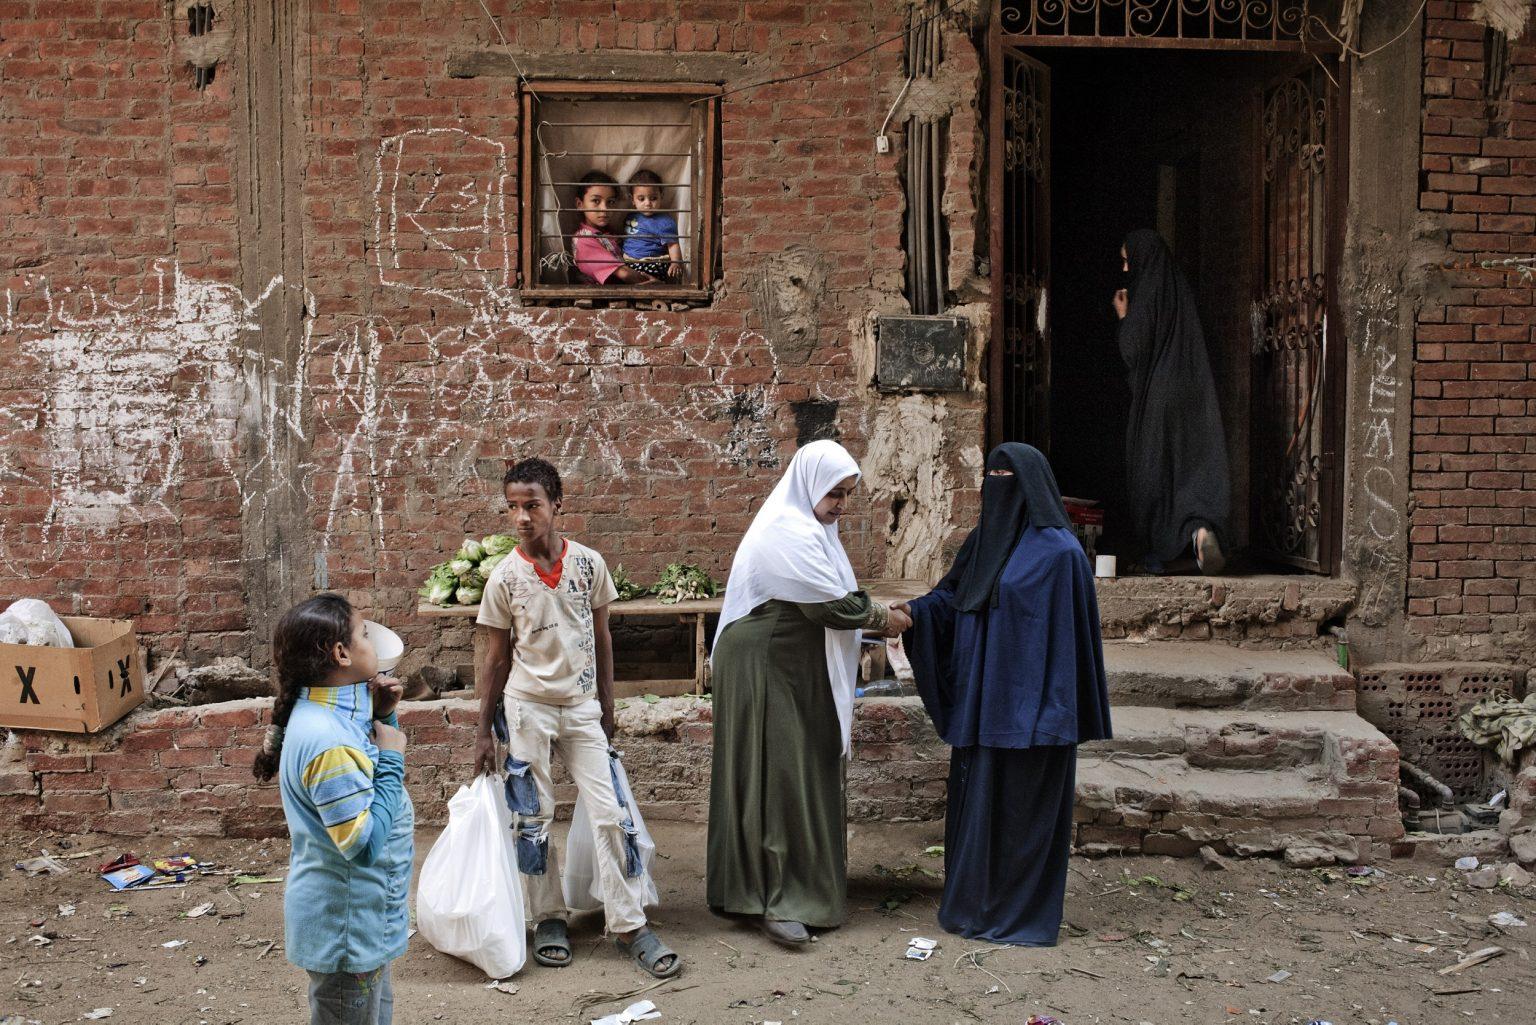 cairo-aprile-2011-imen-37-anni-sorella-musulmana-da-oltre-20-anni-e-ritratta-nel-quartiere-periferico-la-hagana-del-cairo-mentre-raggiunge-le-famiglie-piu-povere-del-quartiere-per-distribuire-i